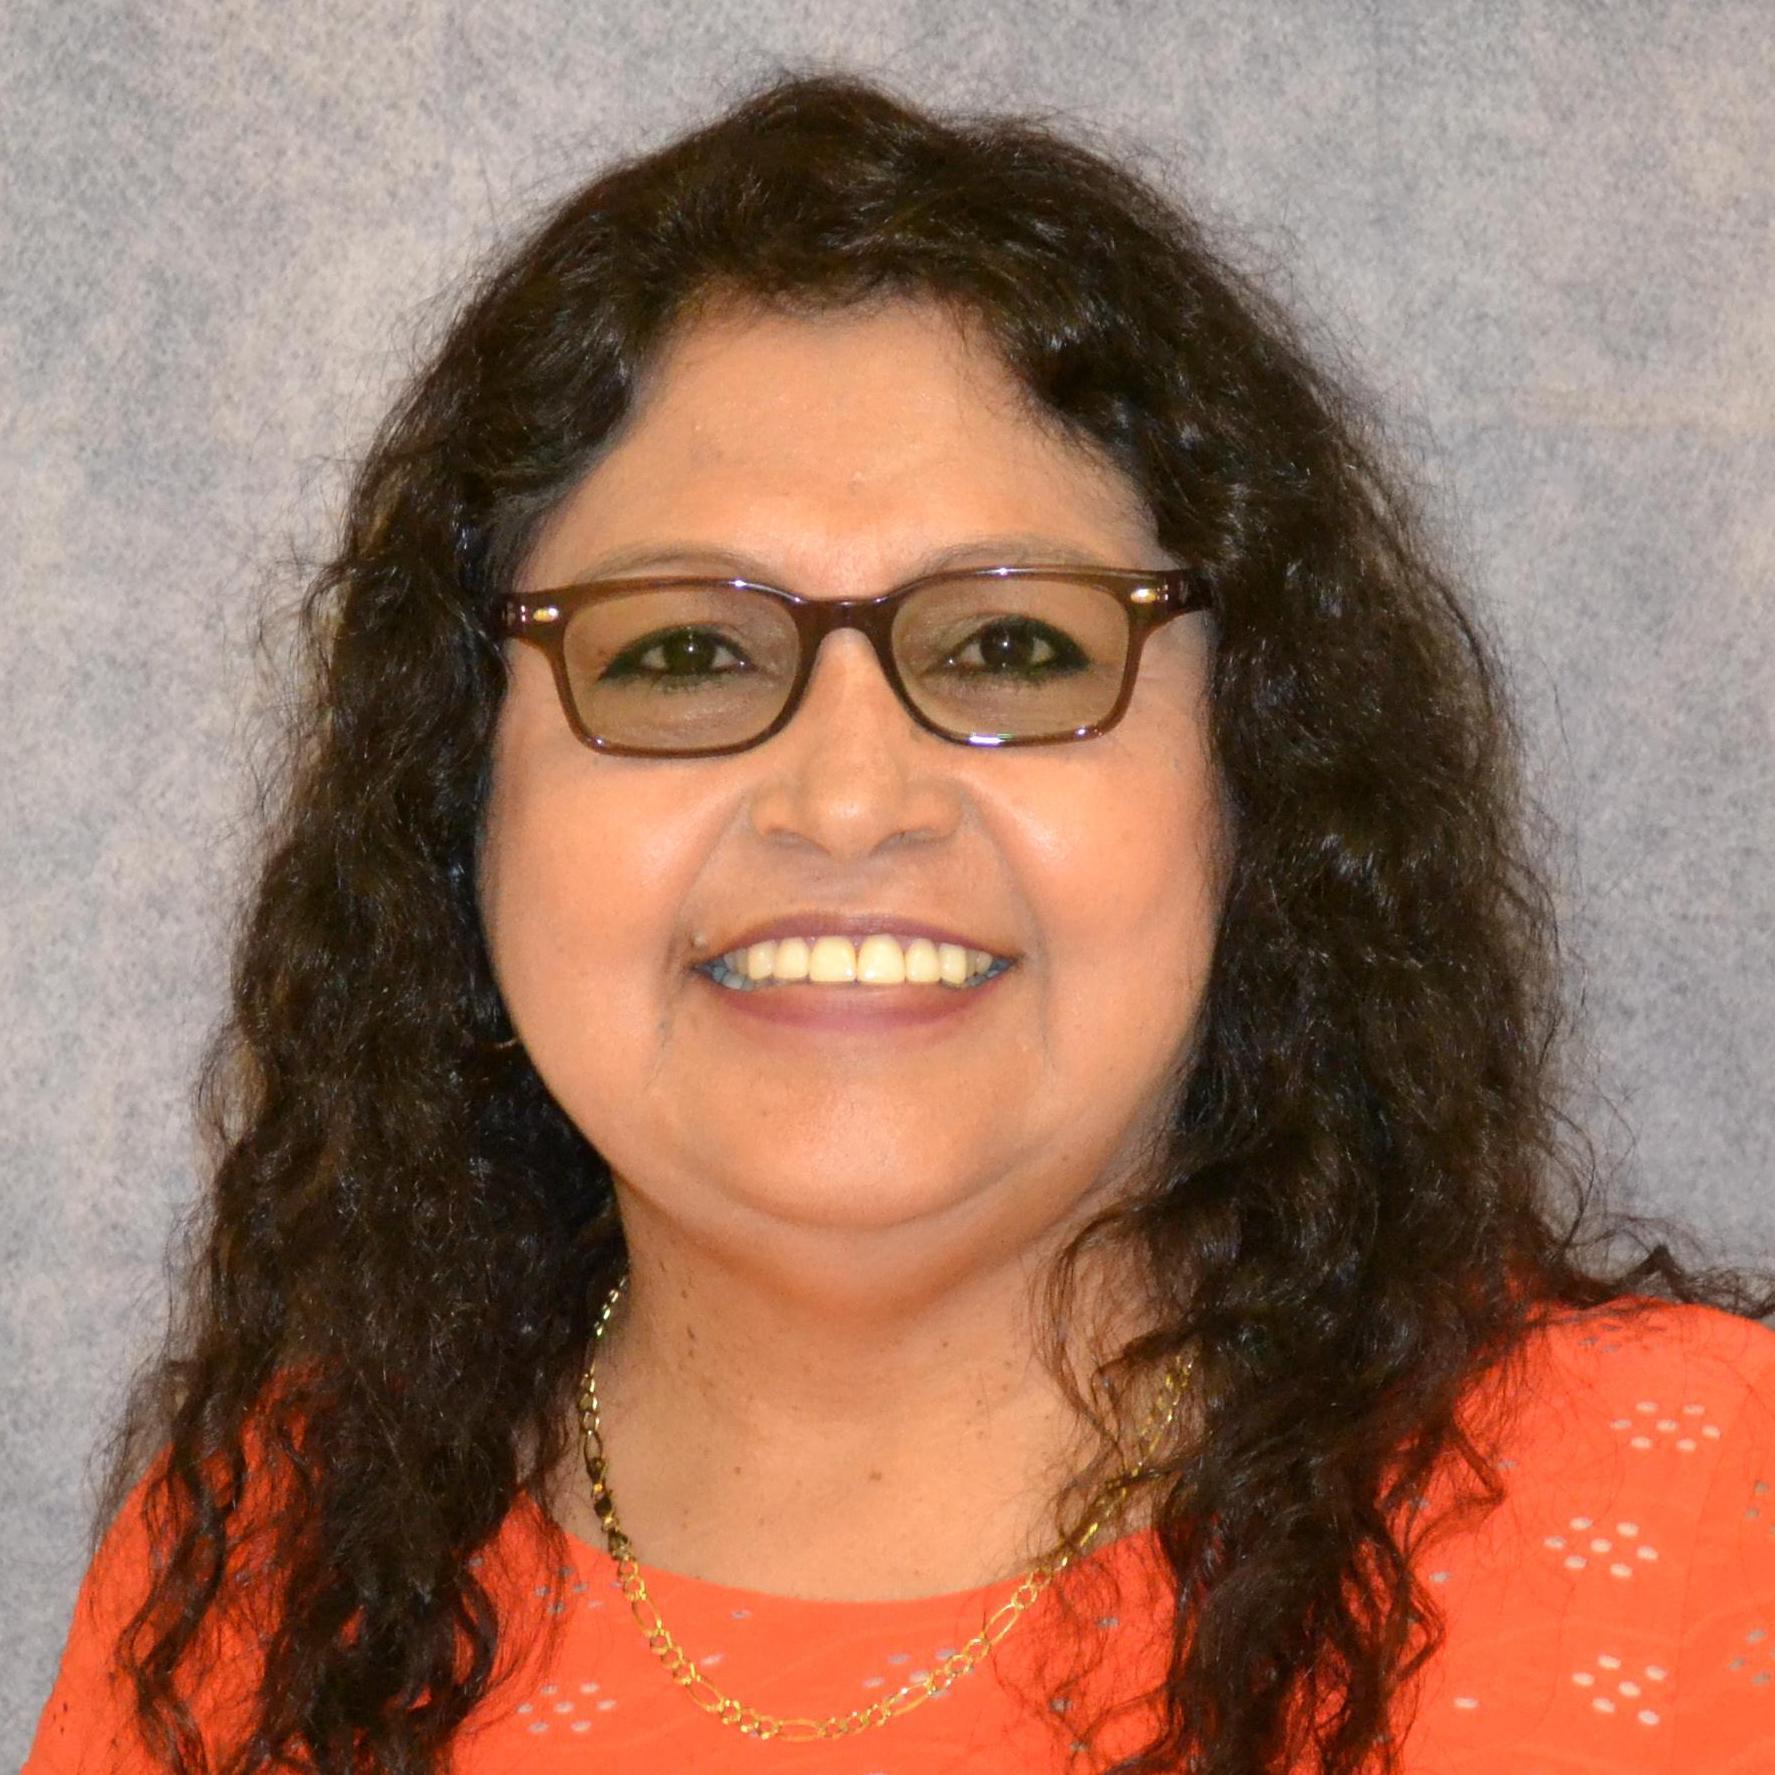 Maria Velazquez's Profile Photo